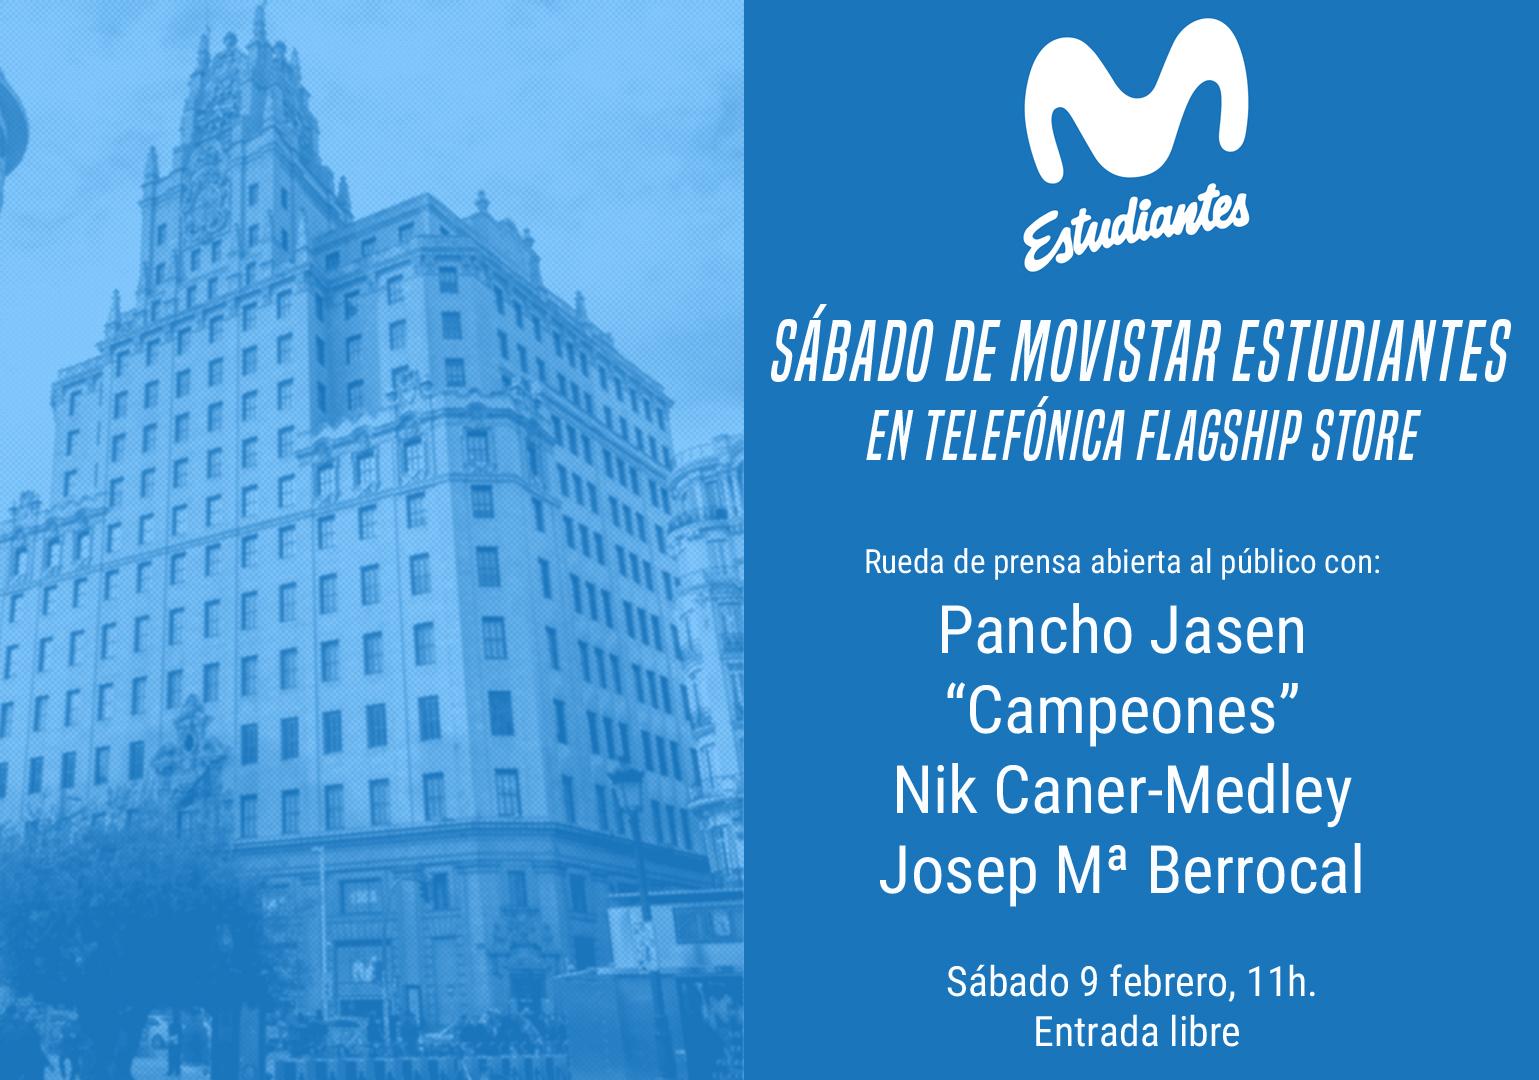 Sábado de Movistar Estu en Flagship Telefónica